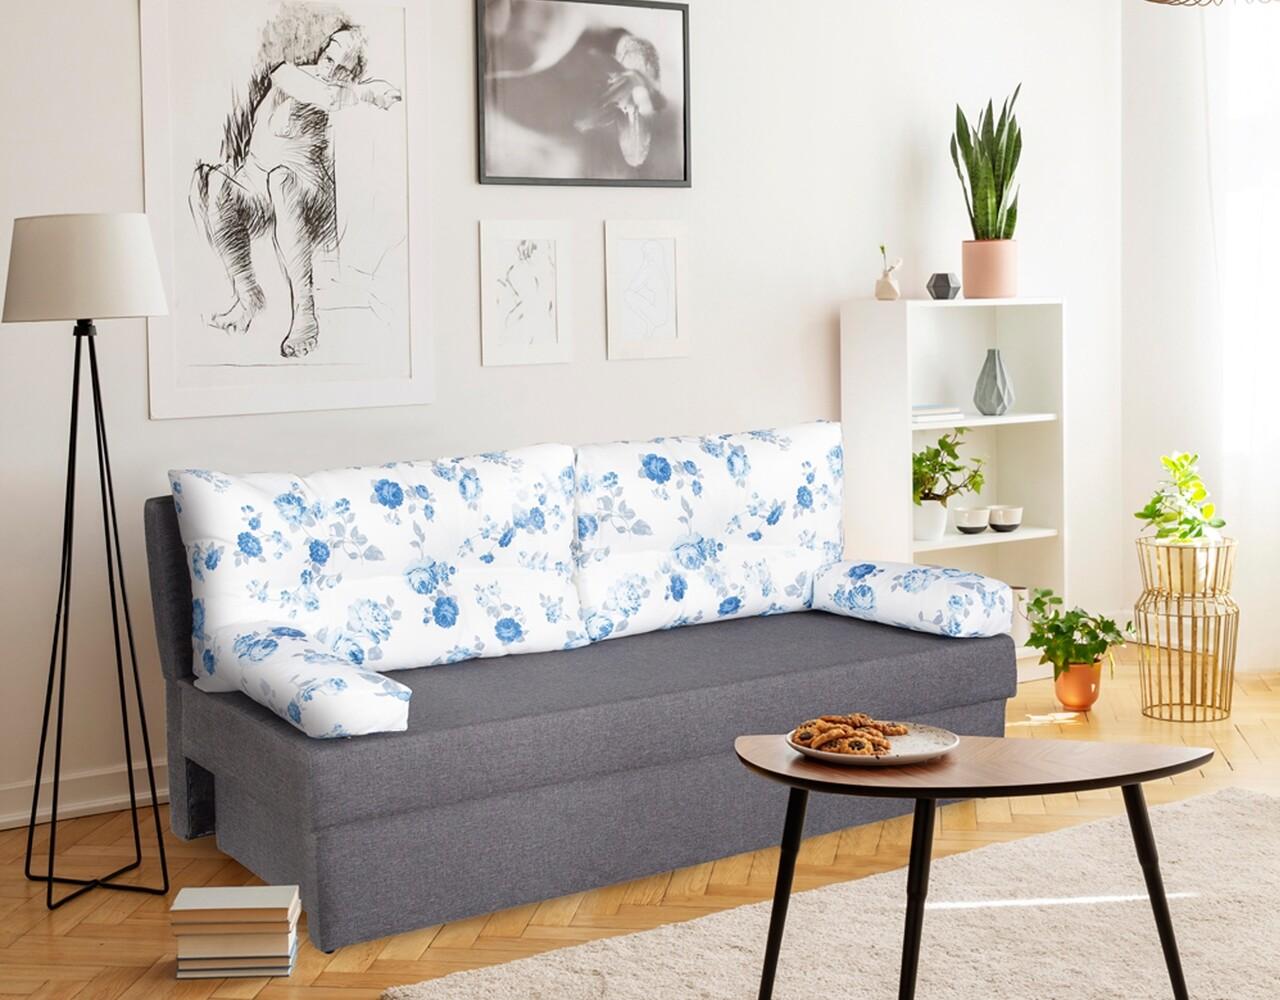 Canapea extensibila Alfi Grey Blue Anemone 192 x 80 x 77 cm + lada de depozitare